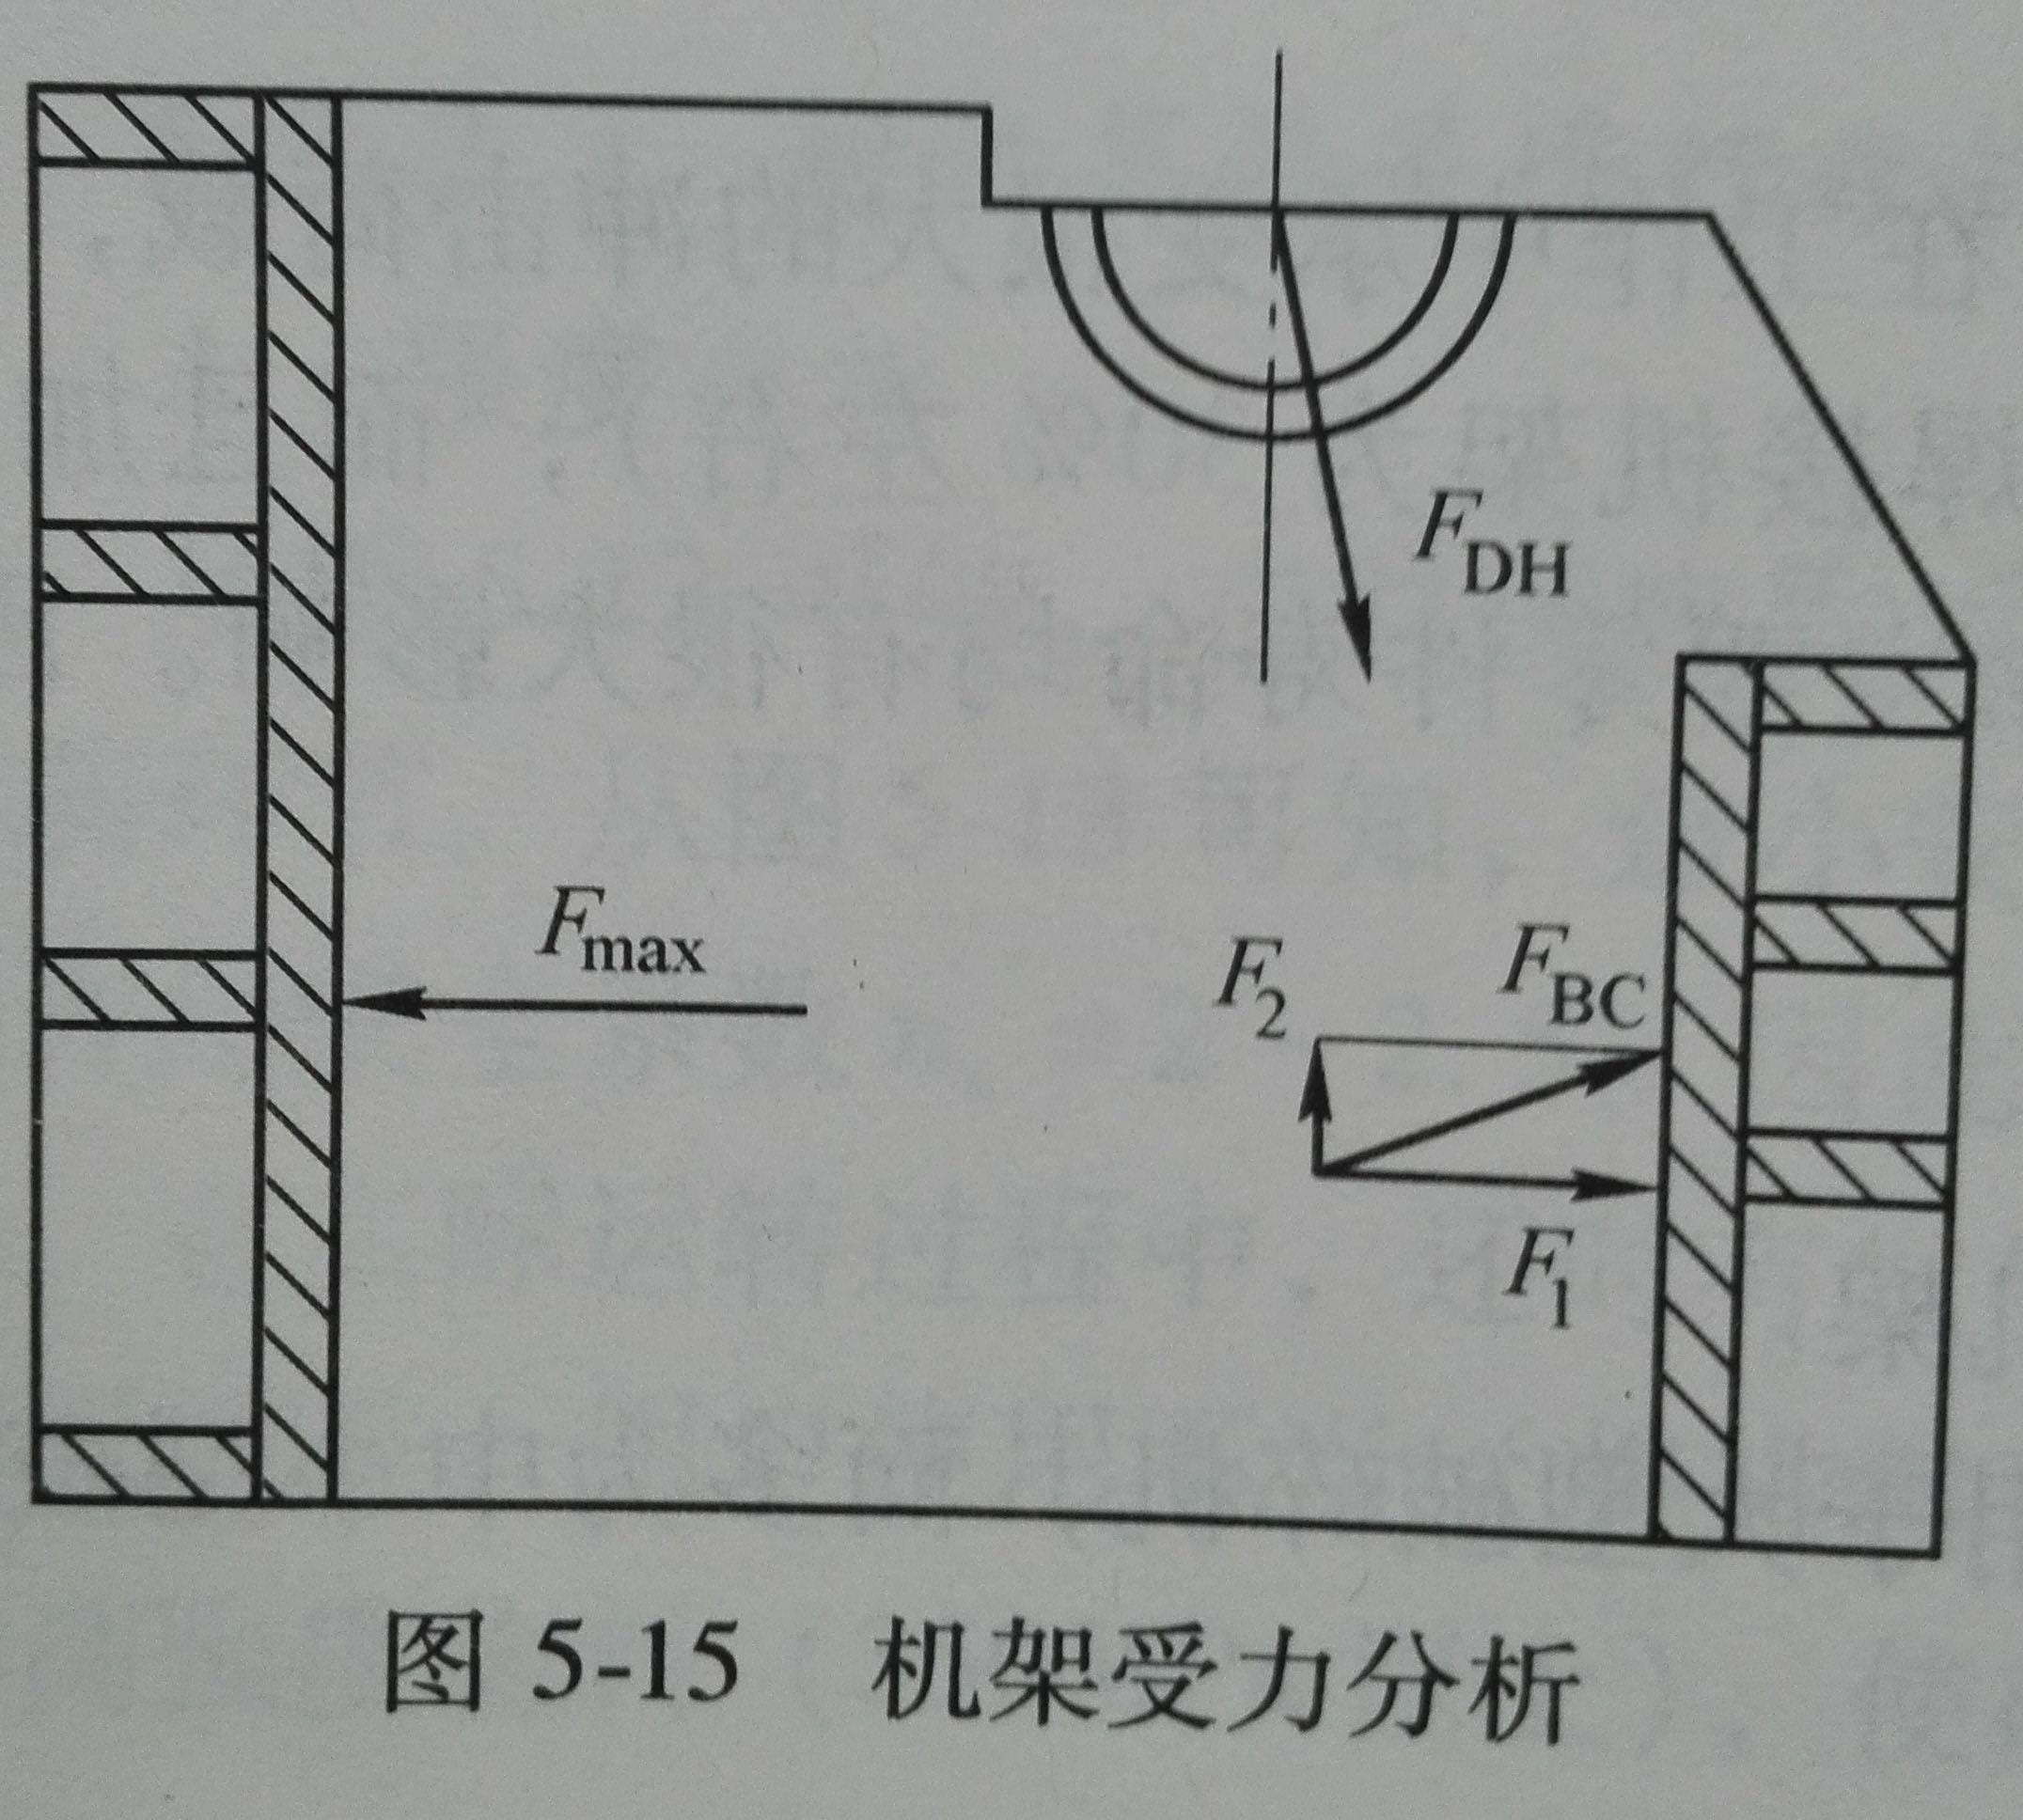 拱结构受力分析示意图